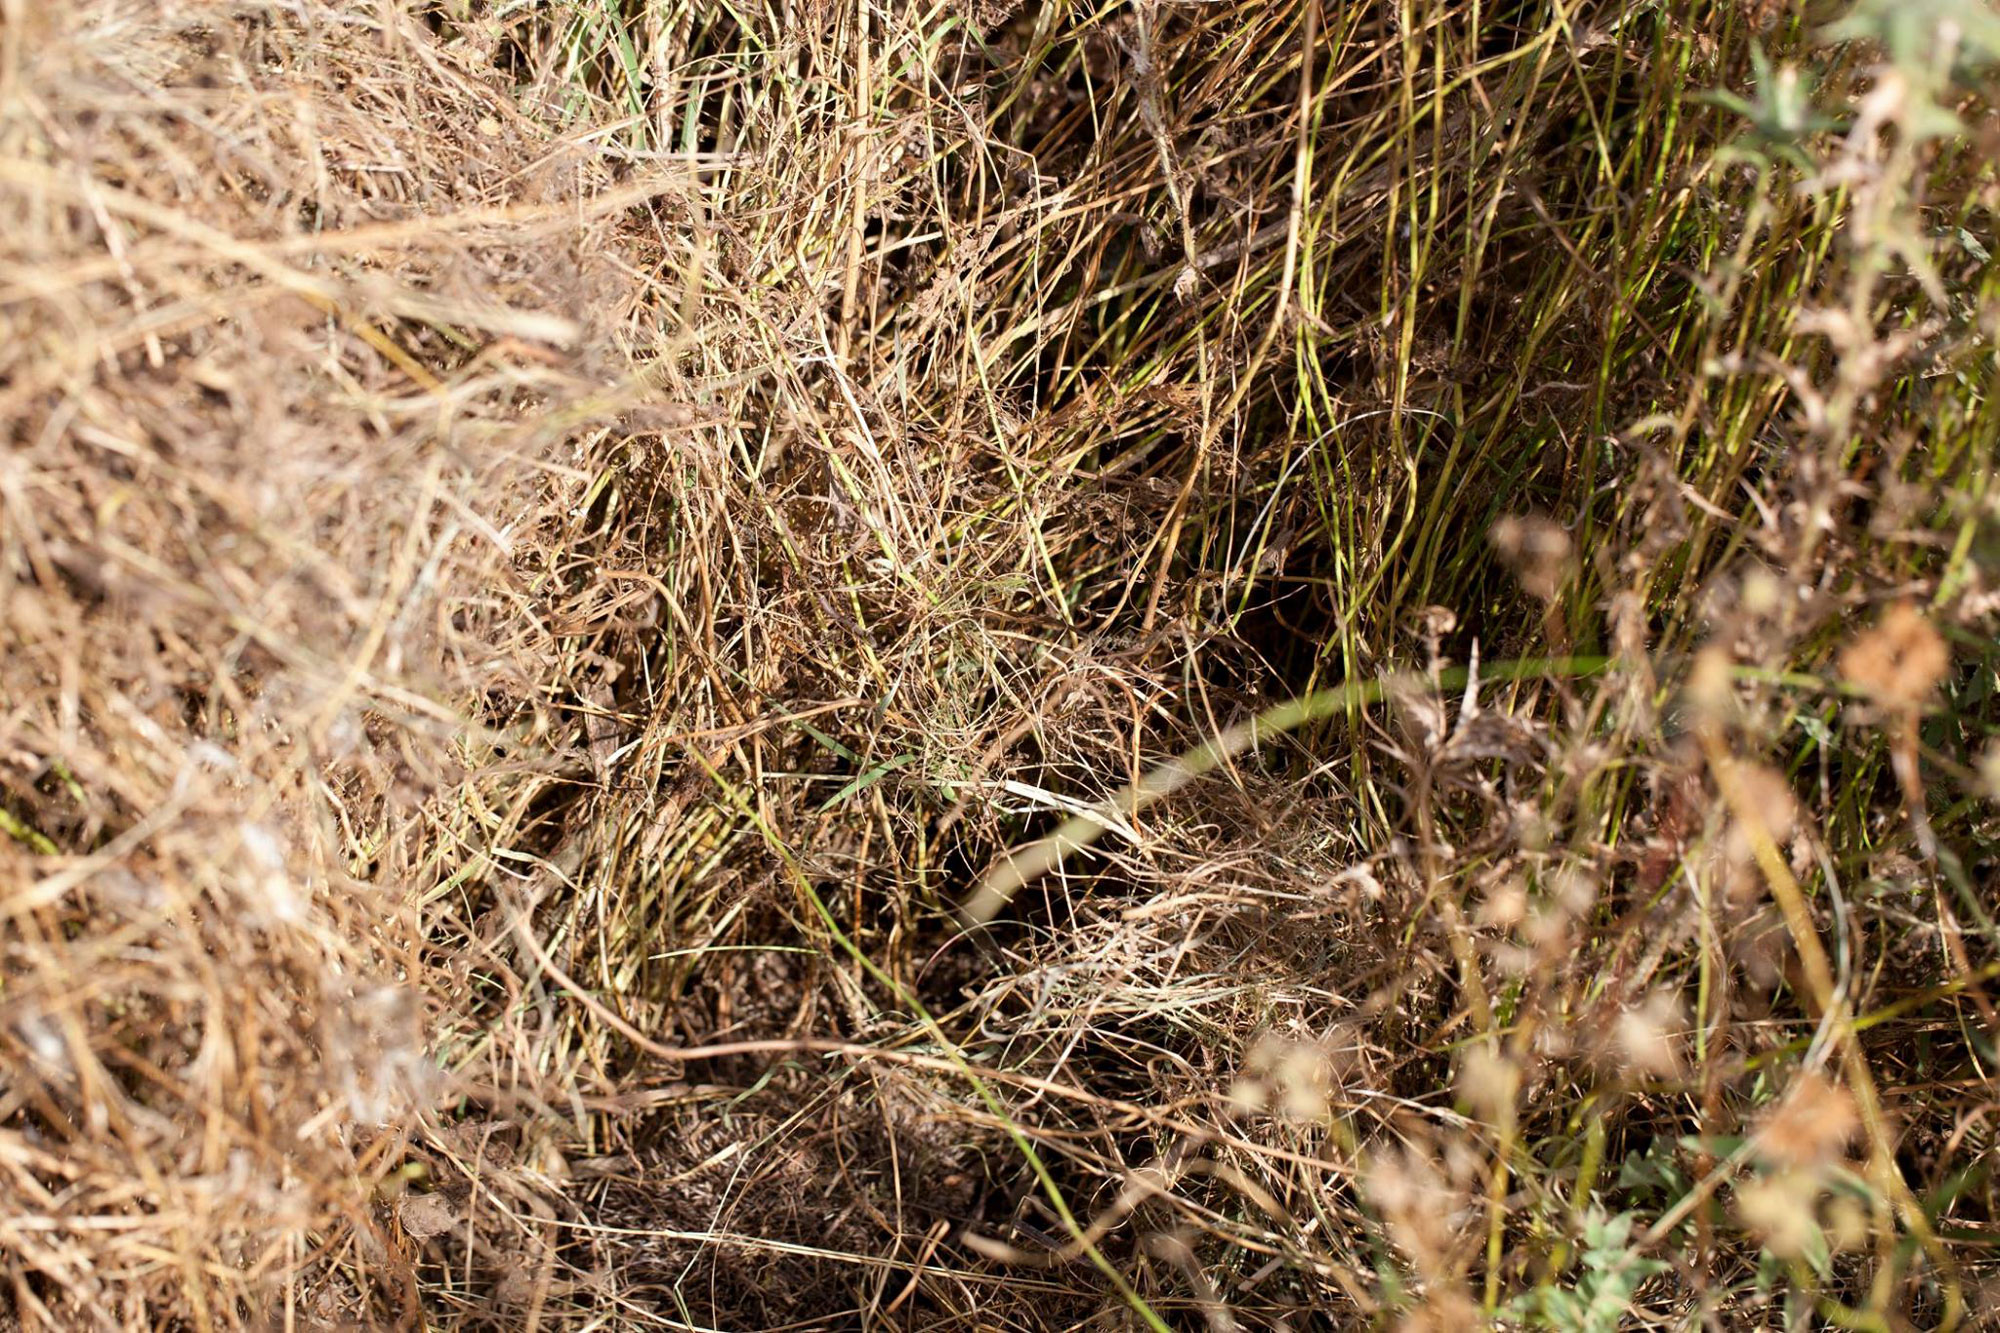 Arici camuflati in iarba